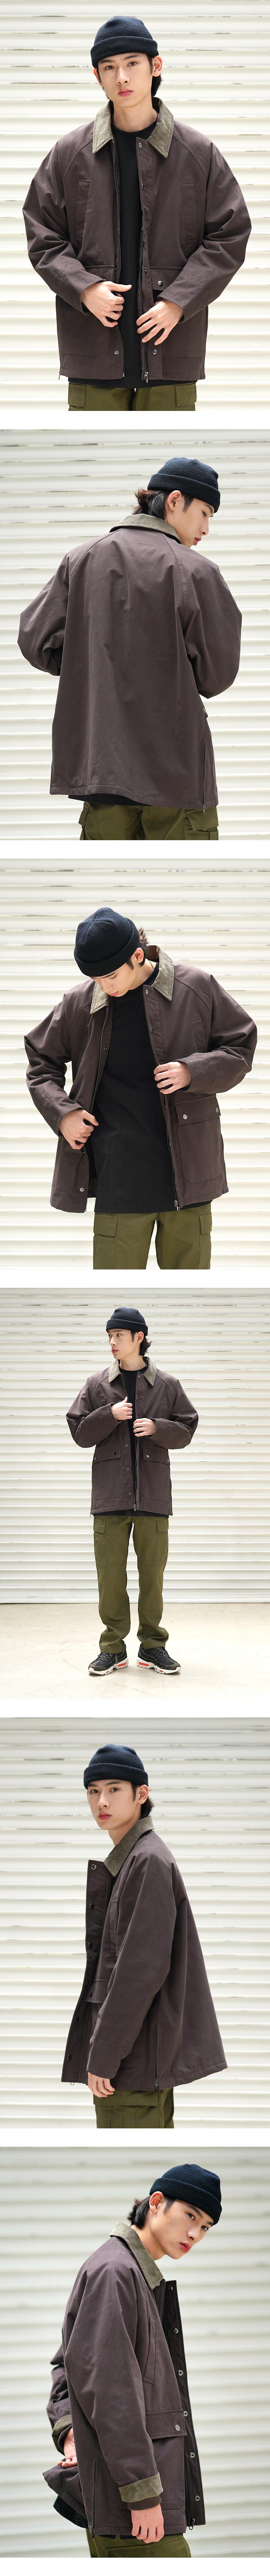 SJOT1163_model_brown.jpg